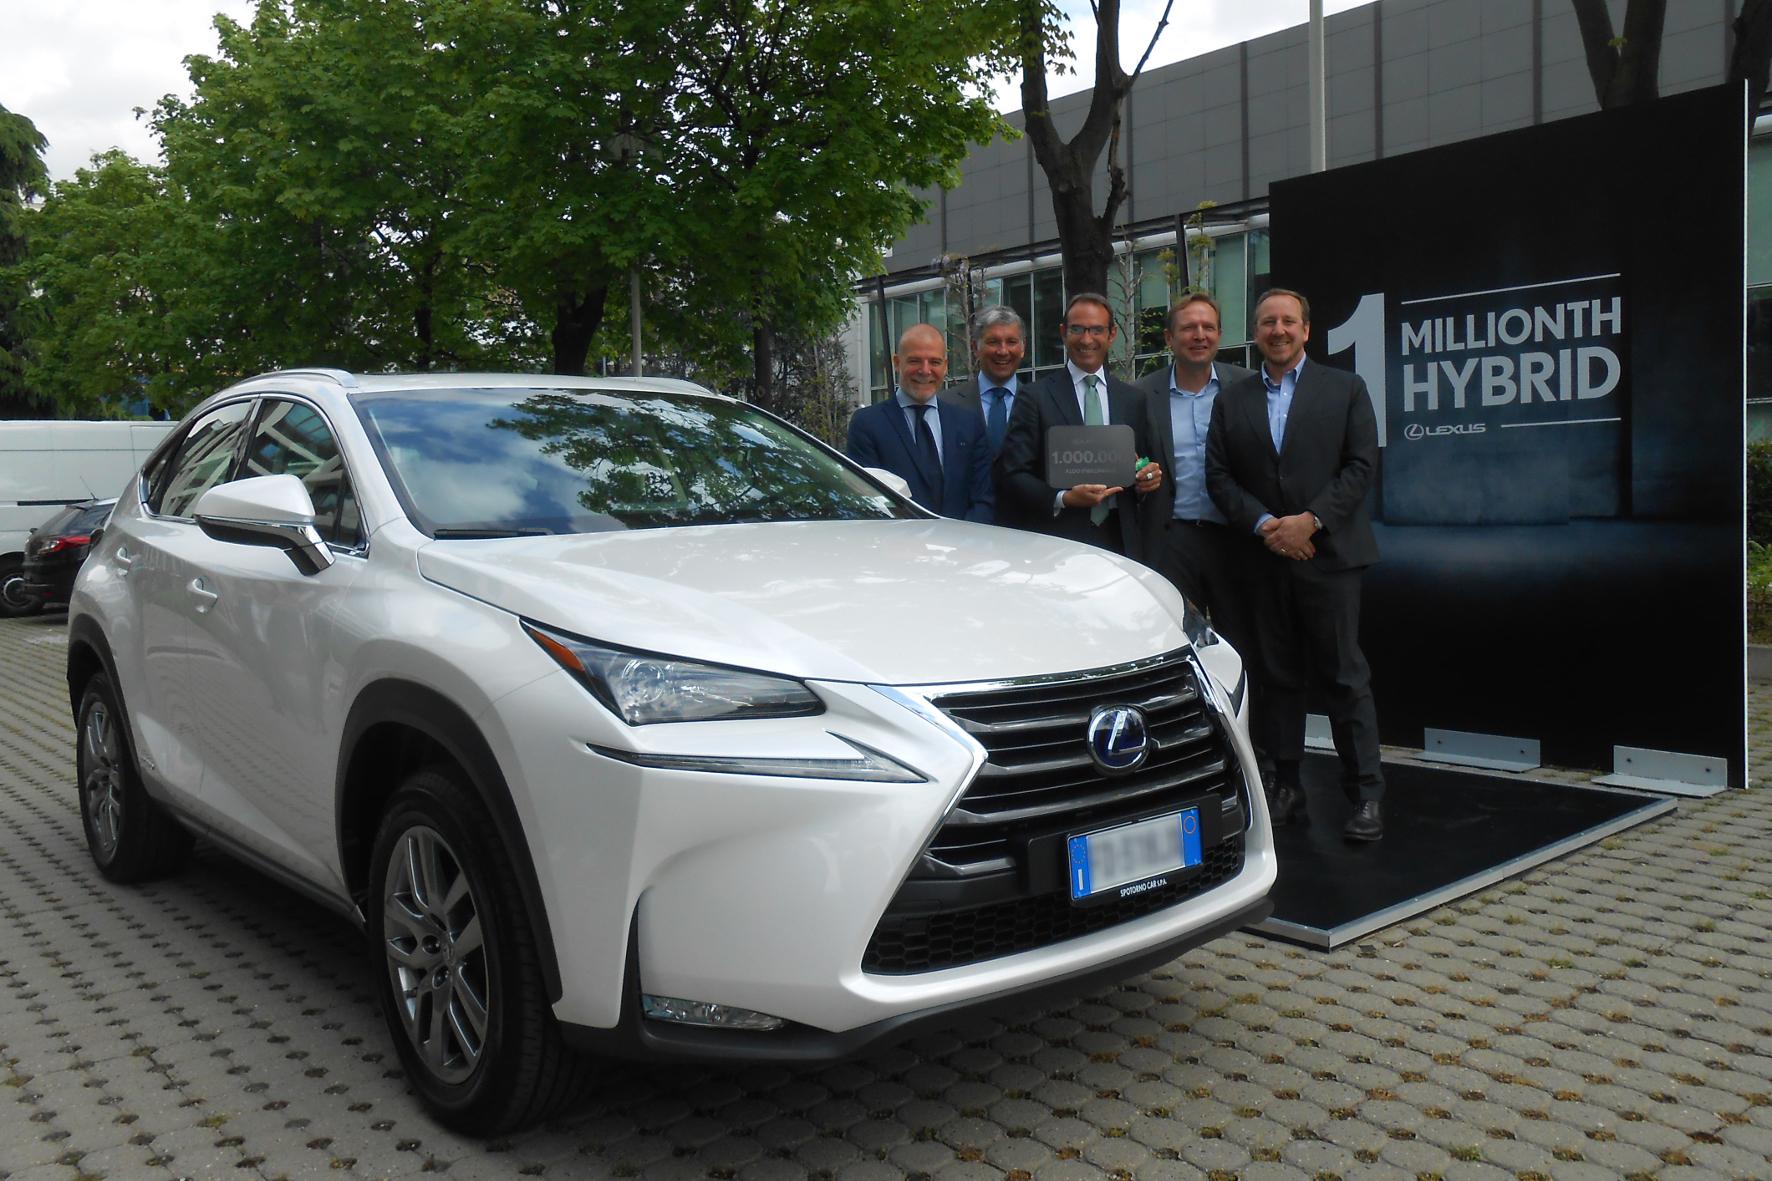 Meilenstein für Lexus: Die Toyota-Edeltochter hat jetzt ihr einmillionstes Hybridfahrzeug verkauft: einen weiß lackierten NX 300h.